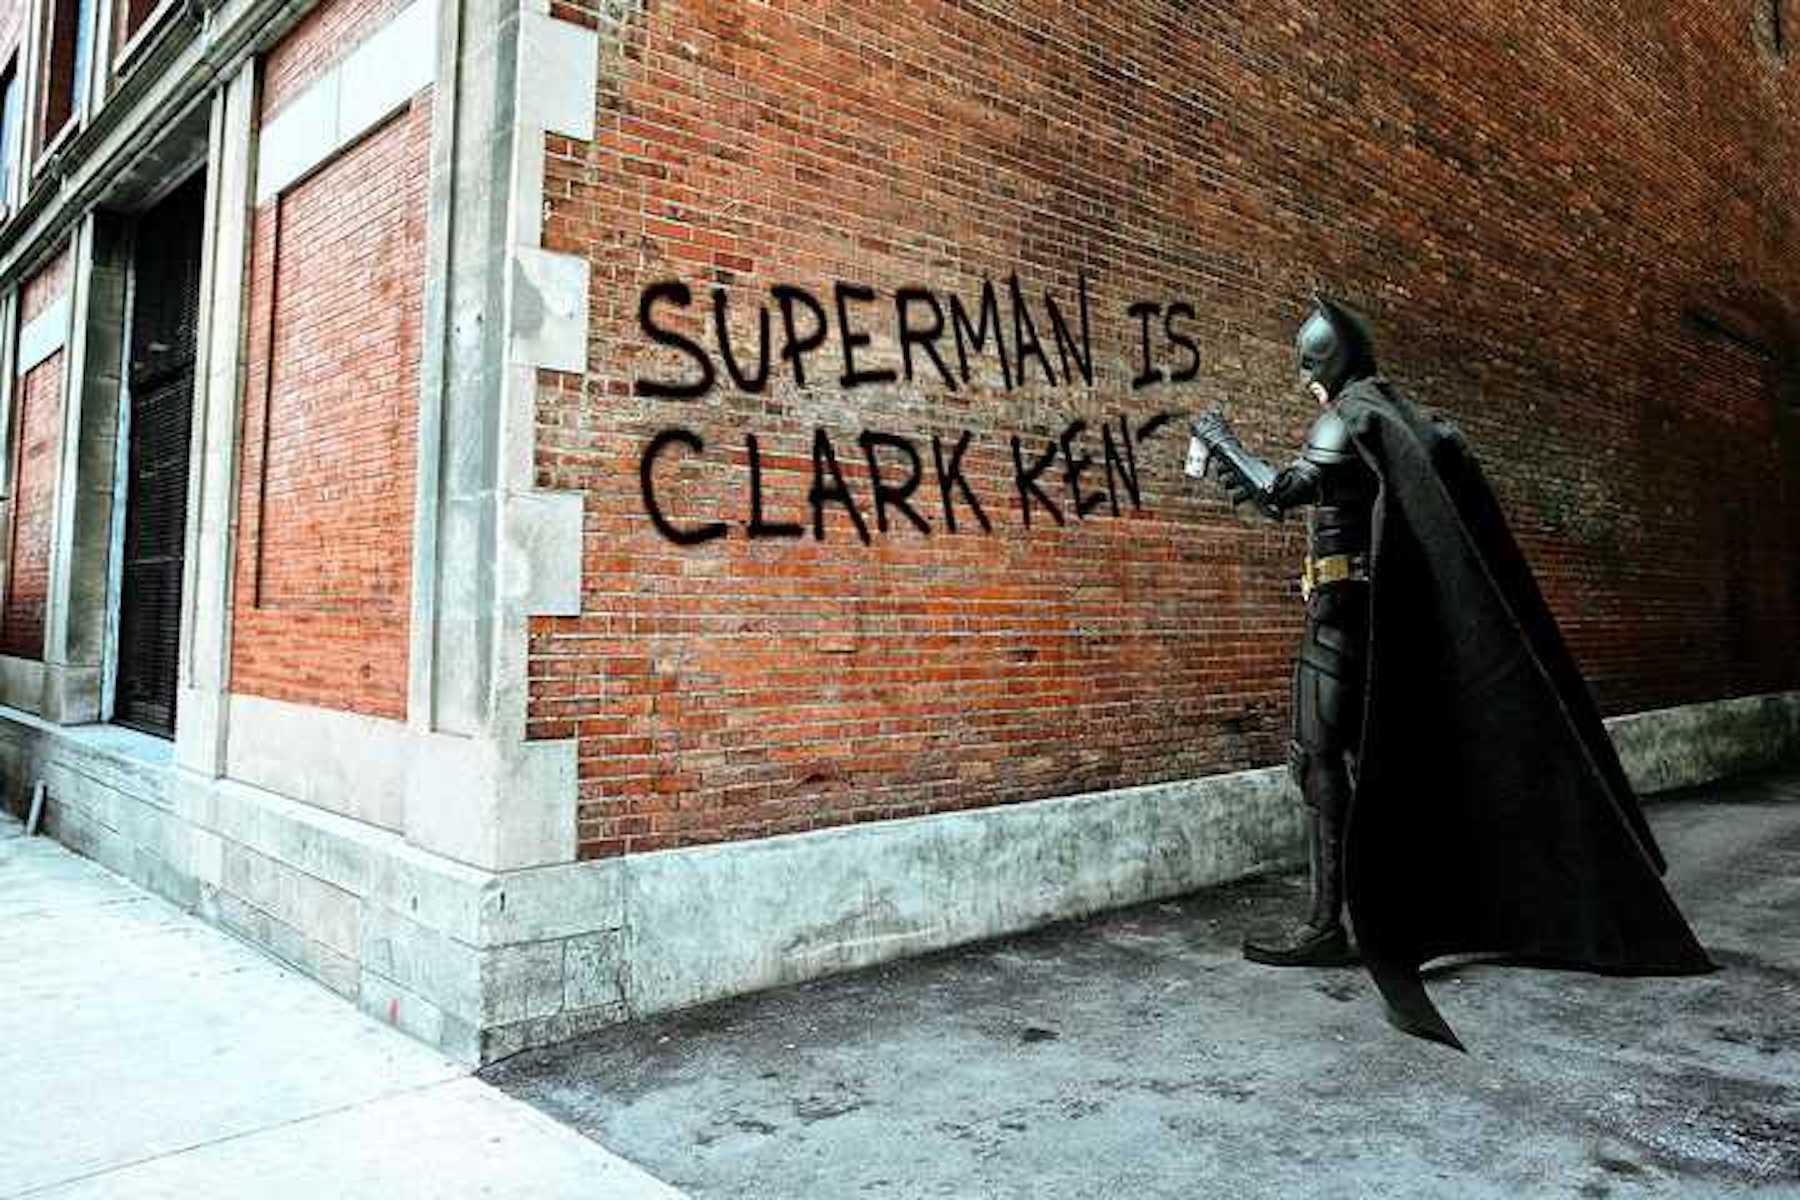 © Daniel Picard, Clark Kent Graffiti, 2017